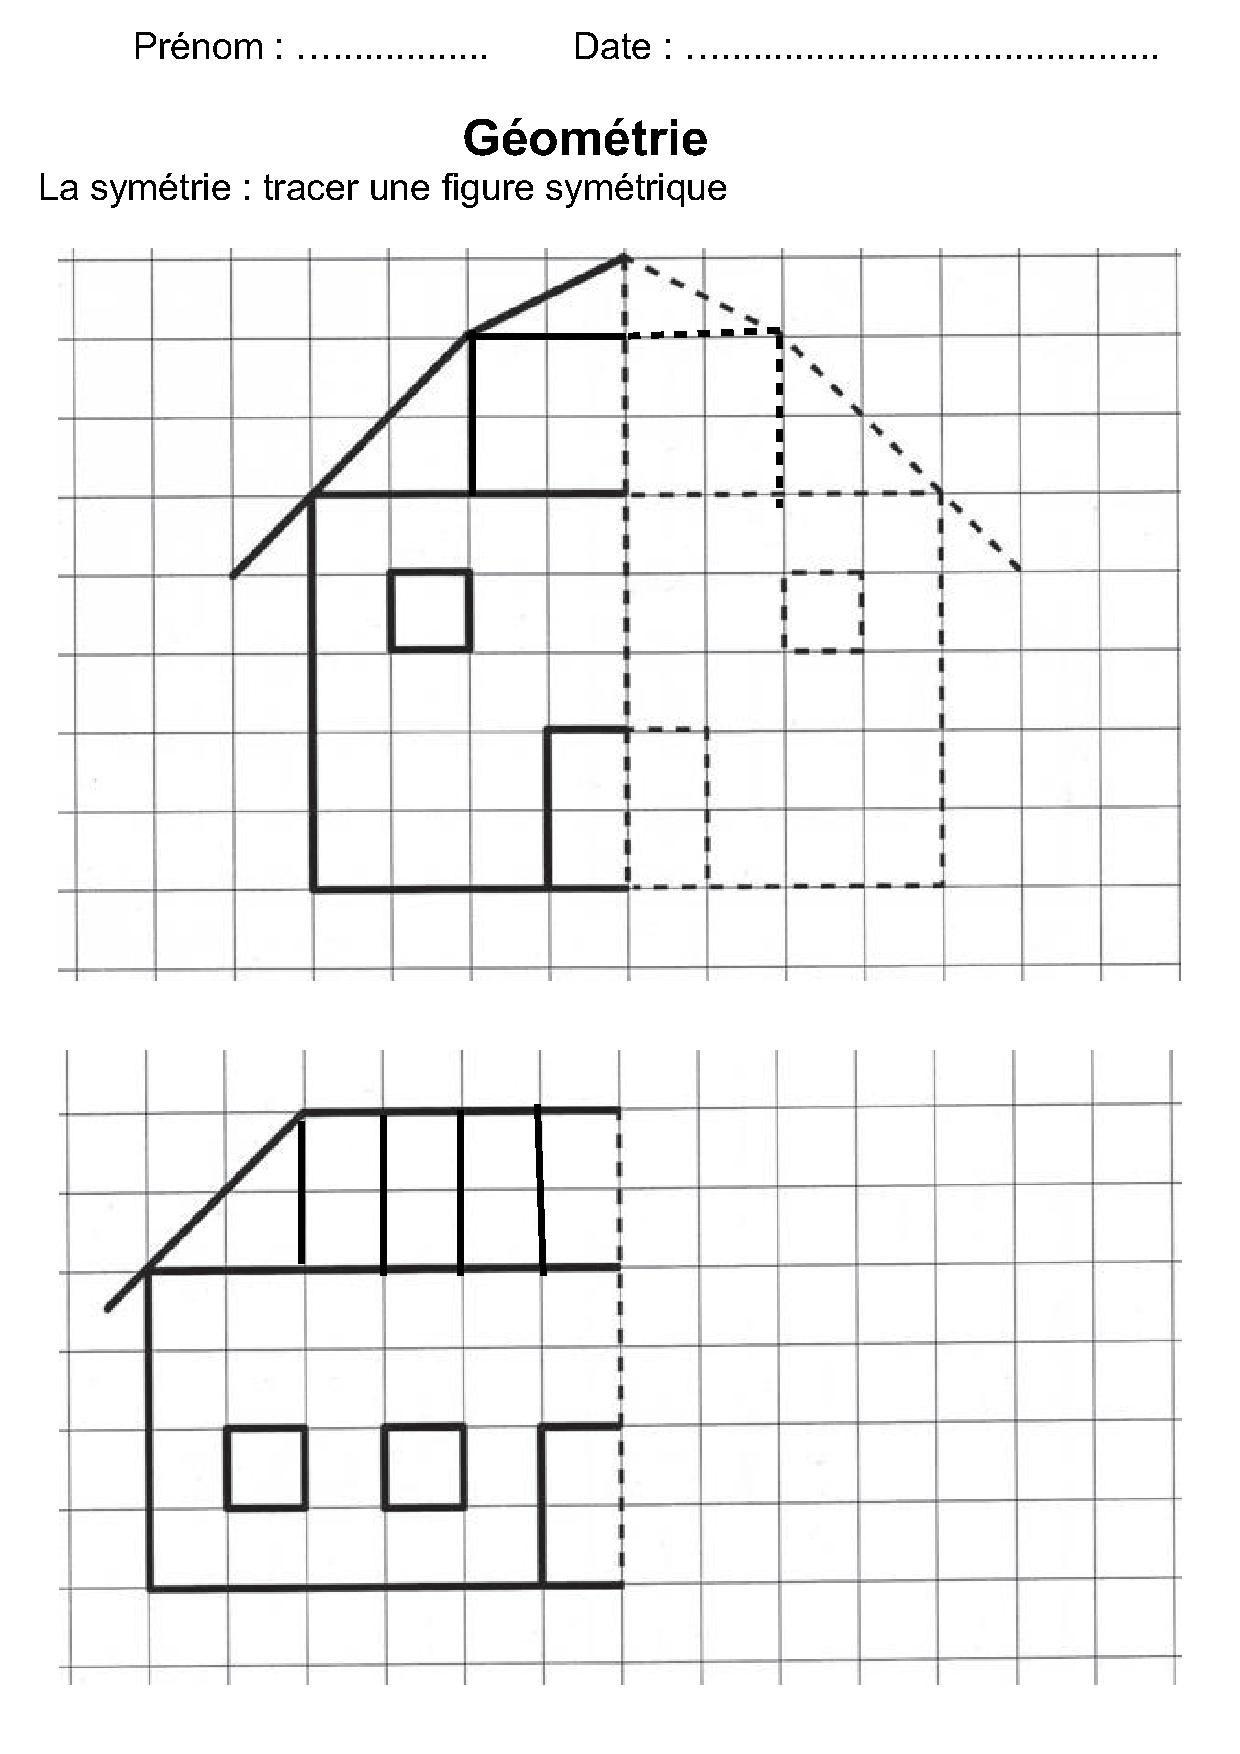 Géométrie Ce1,ce2,la Symétrie,reproduire Une Figure intérieur Symétrie Quadrillage